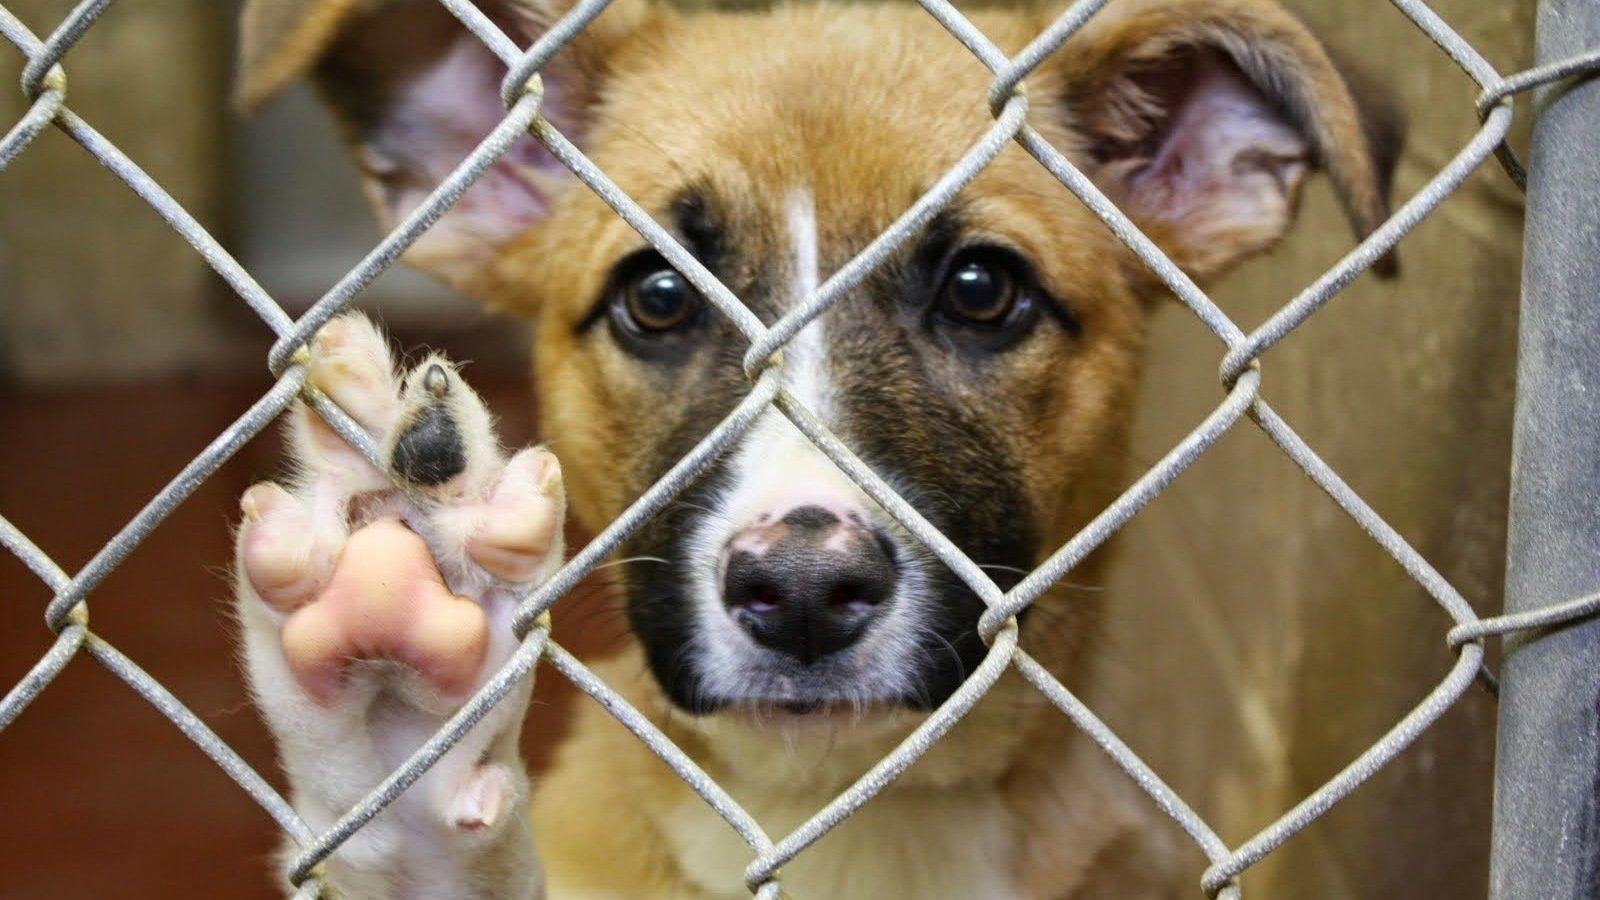 Petition 183 Peta Stop Animal Testing 183 Change Org